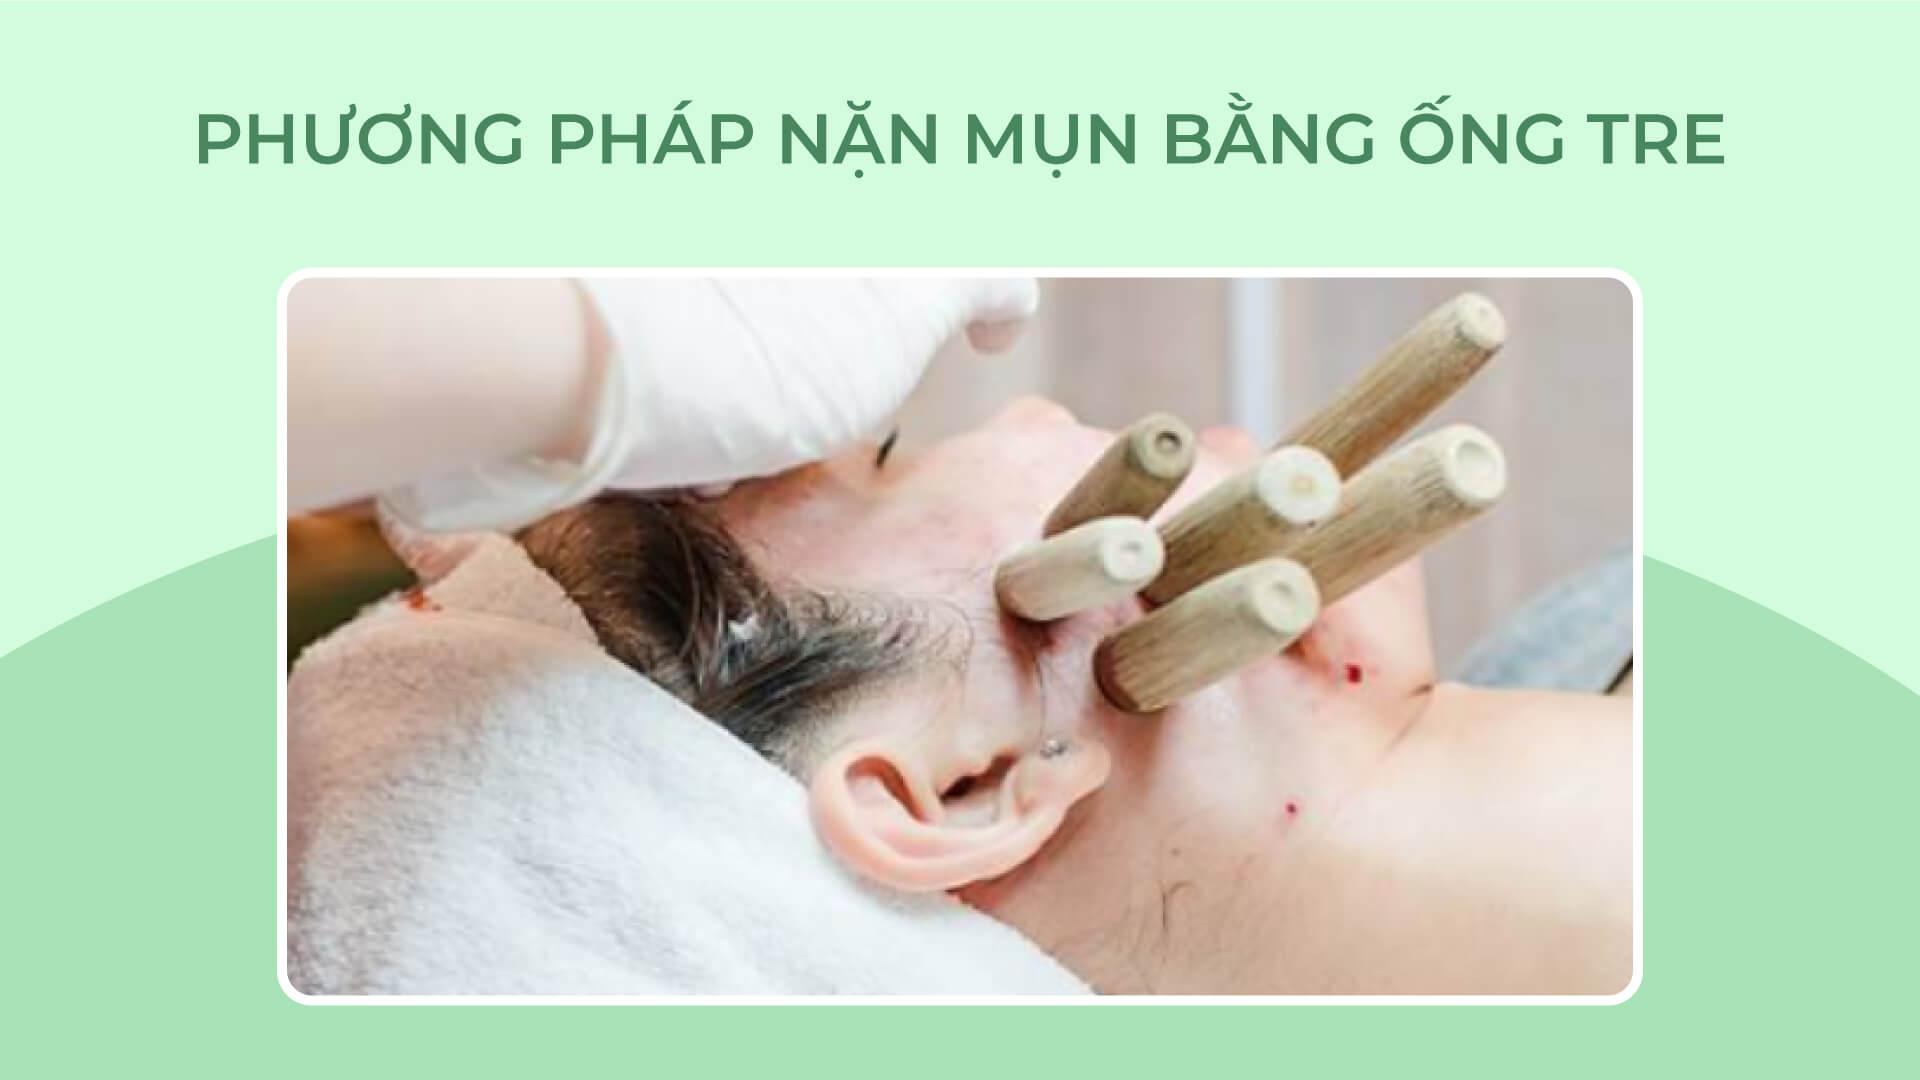 Phương pháp nặn mụn ống tre tại spa - Doctor Acnes